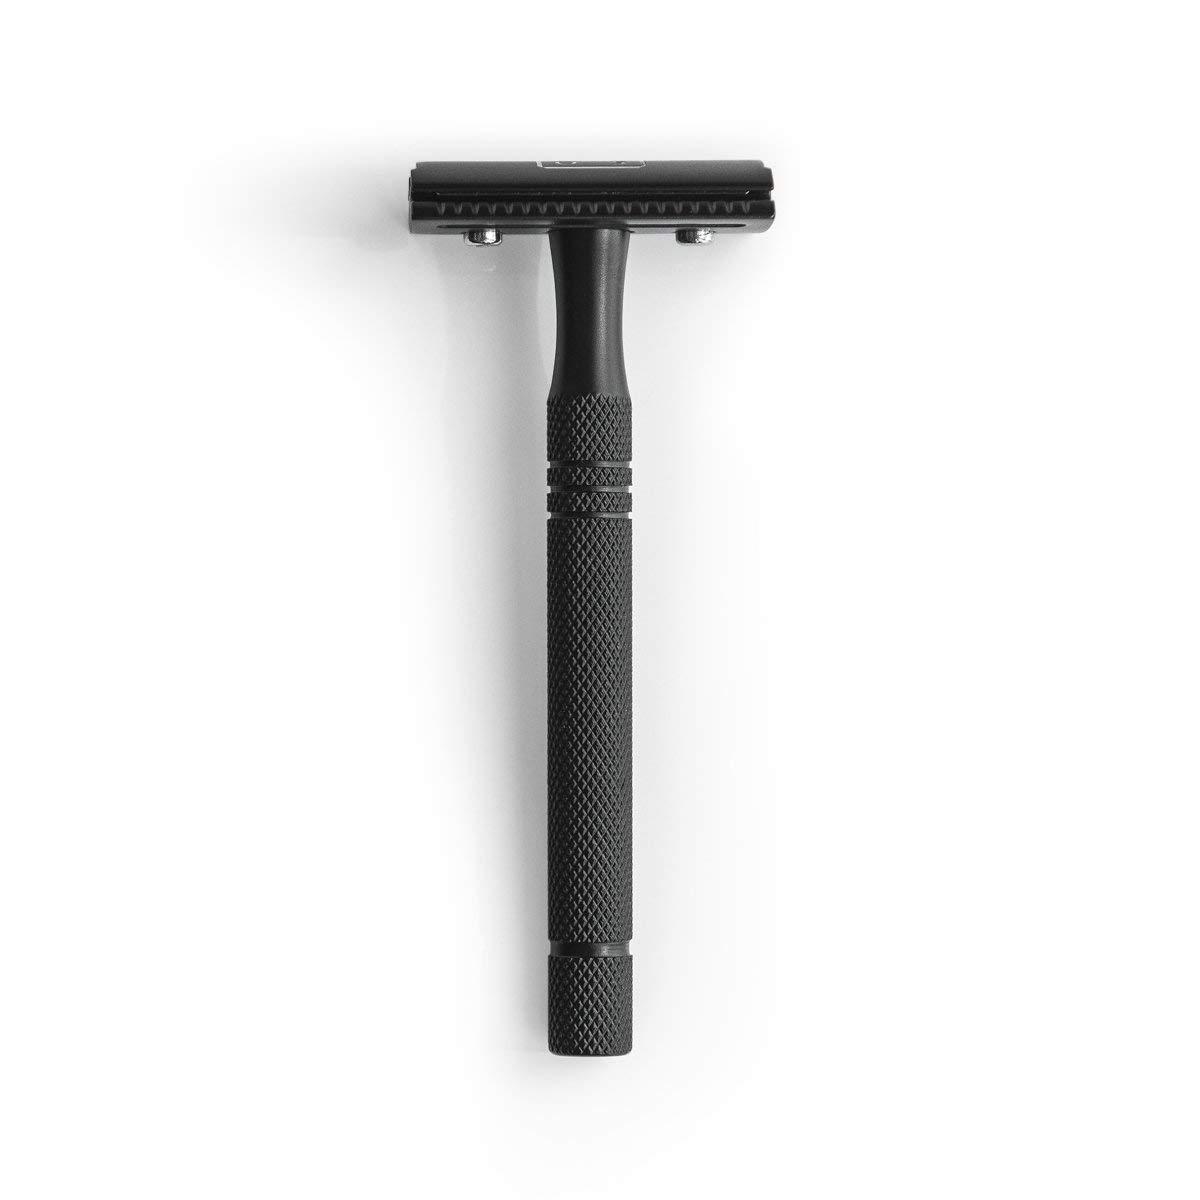 sober® | Premium Rasierhobel aus Solingen inkl. 5 Astra Rasierklingen | Nassrasierer in Schwarz matt (Edelstahl) mit langem Griff für die klassische Nassrasur im Set | Rasierer für Herren